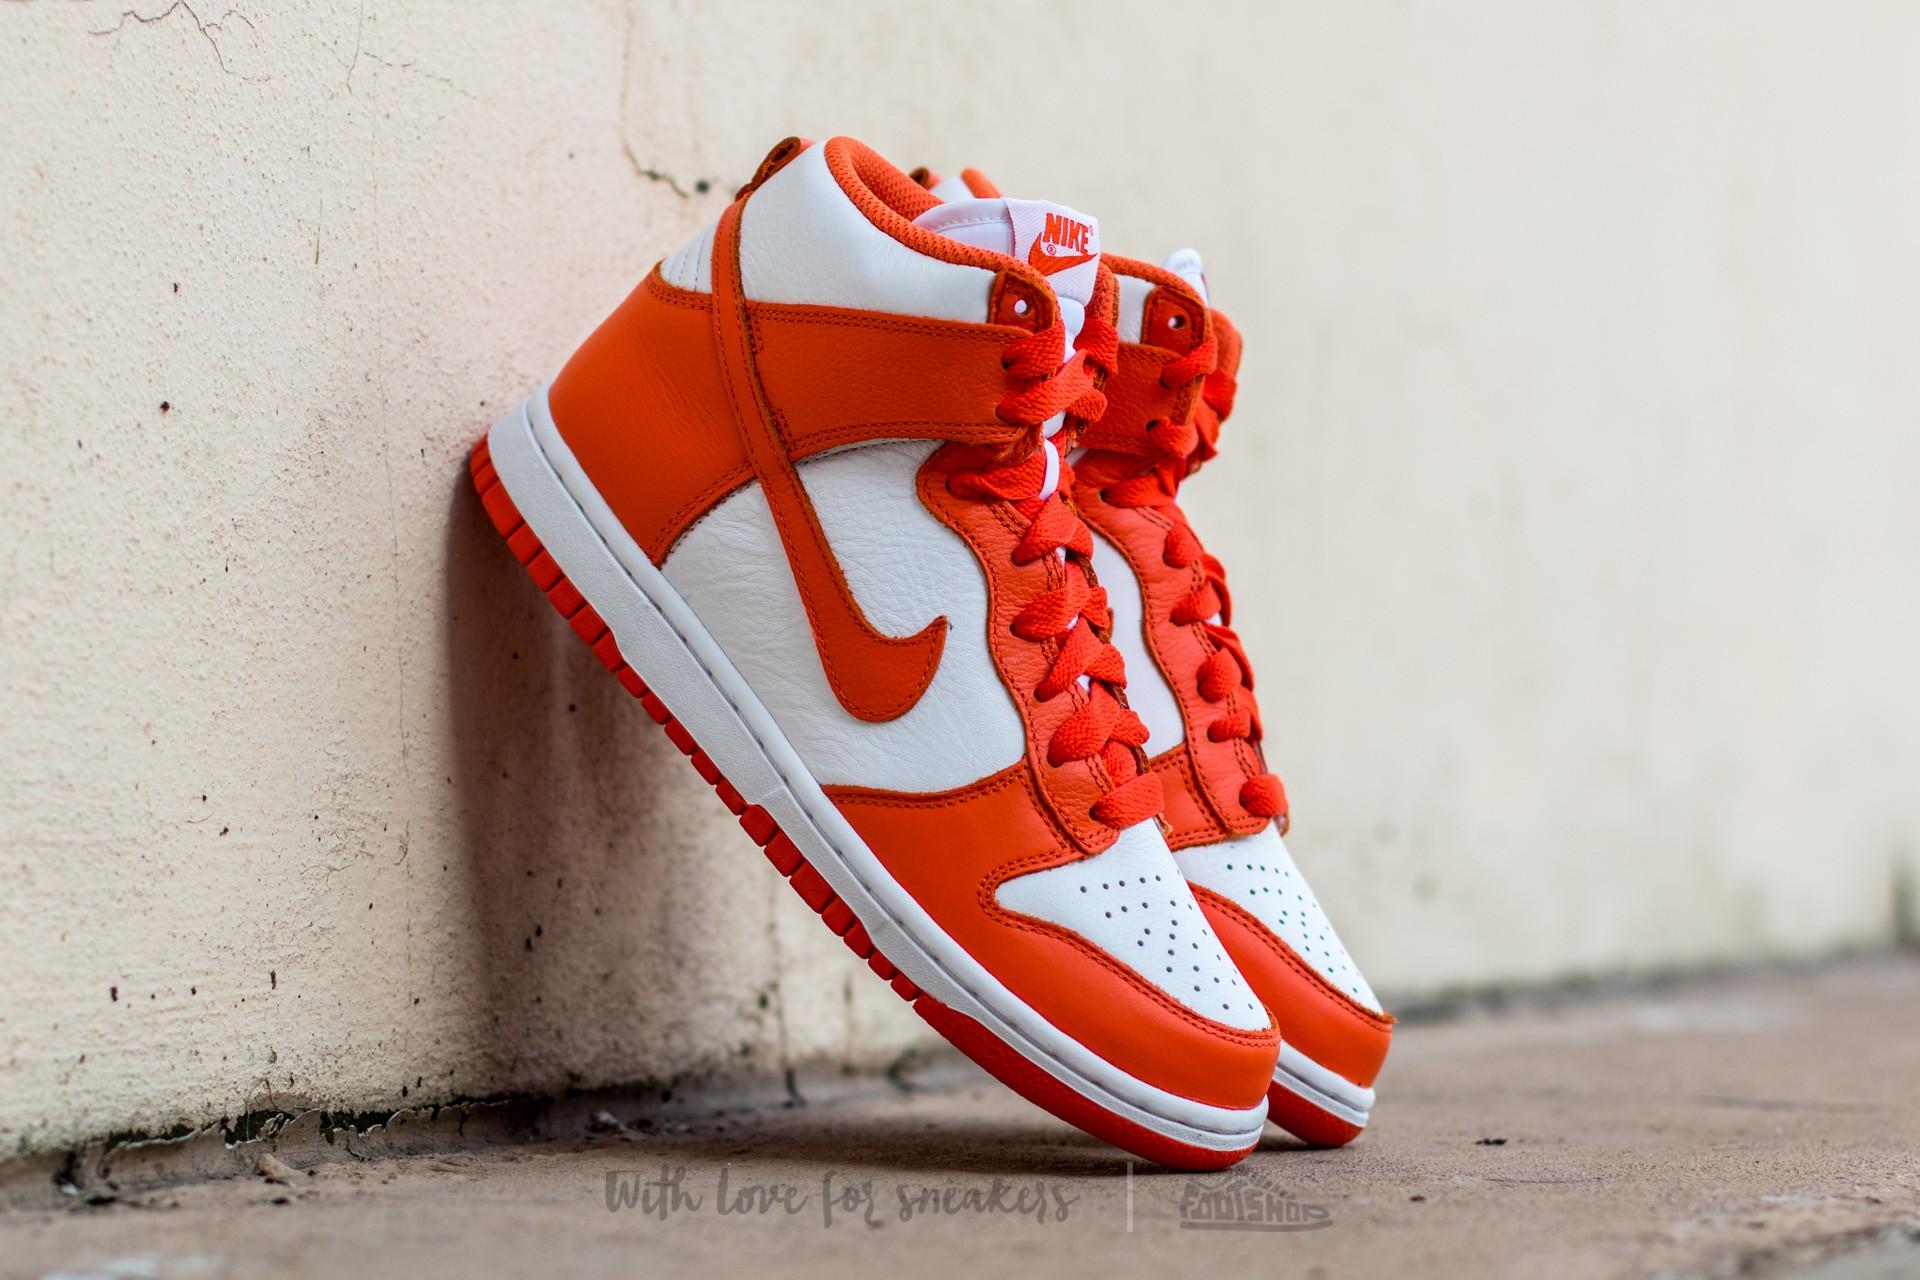 Nike Dunk Retro QS White/ Orange Blaze